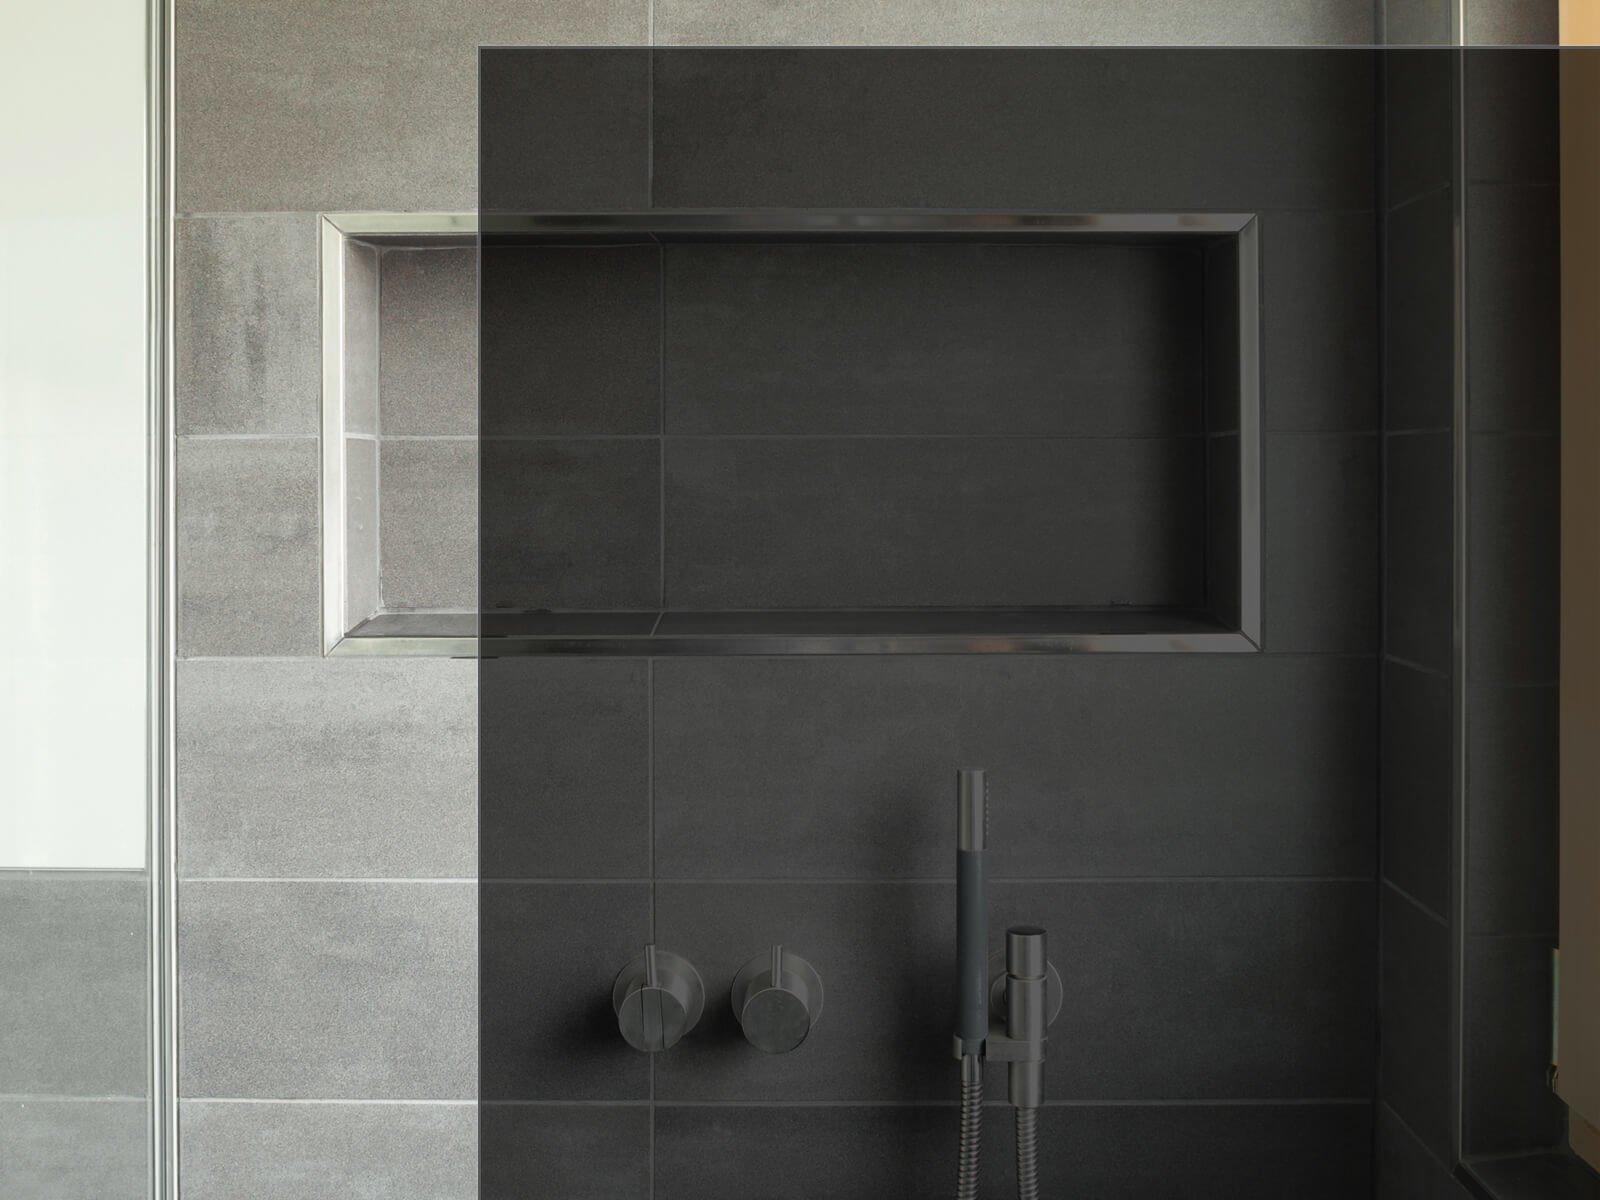 Dusche mit 8 mm dunkelgrauem Glas